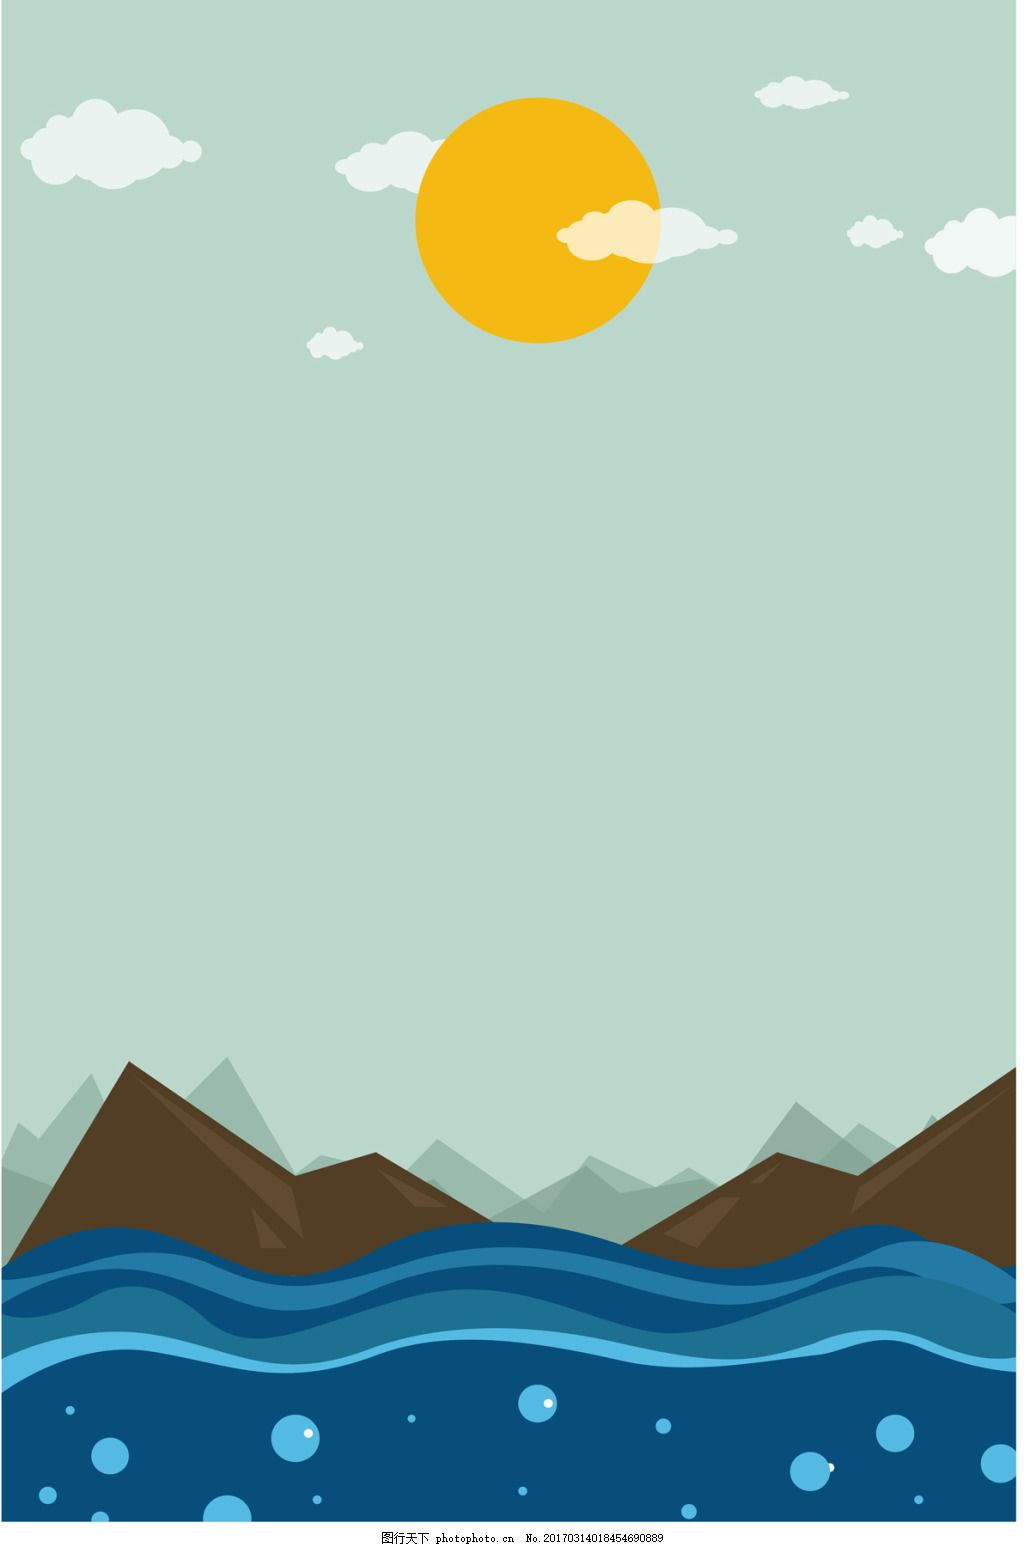 大海风景插画 山峰 太阳 云朵